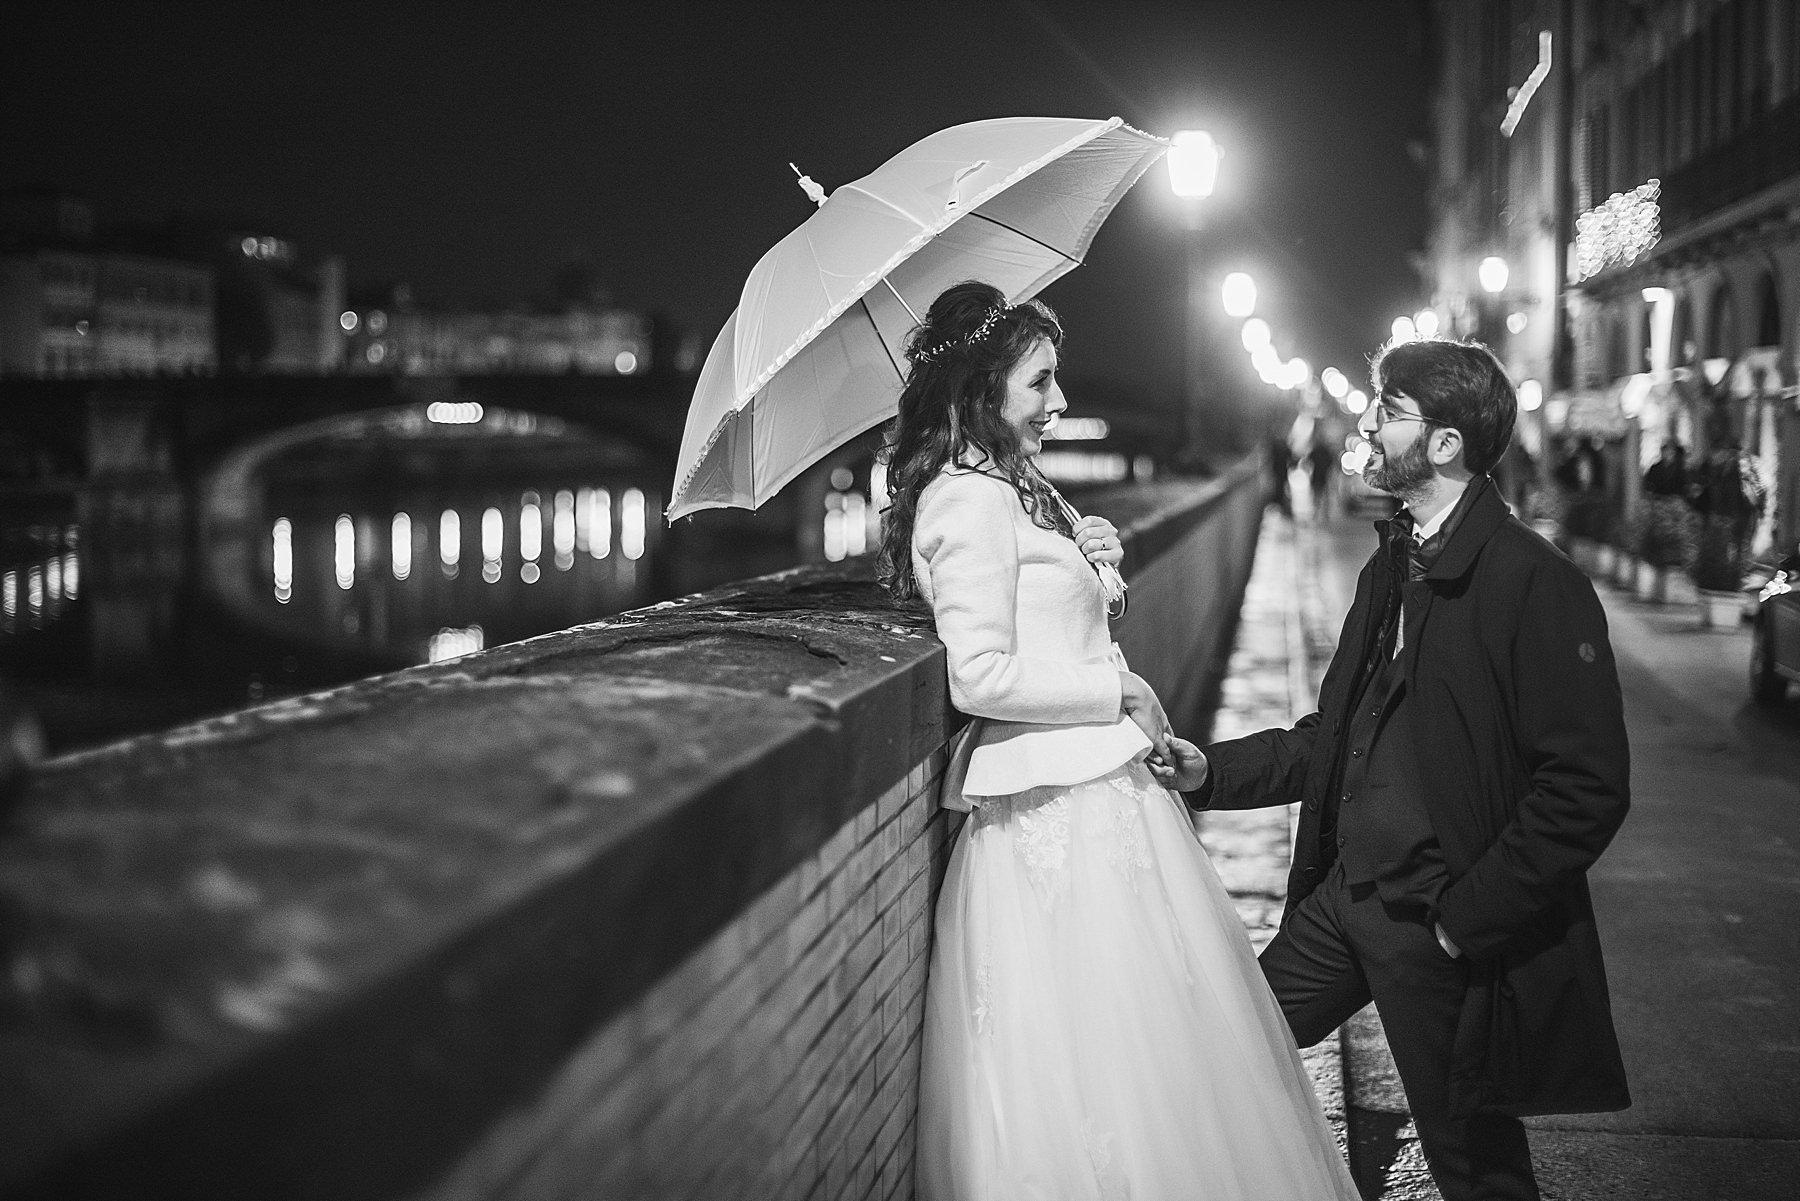 fotografia-di-matrimonio-a-firenze-in-inverno-780.JPG